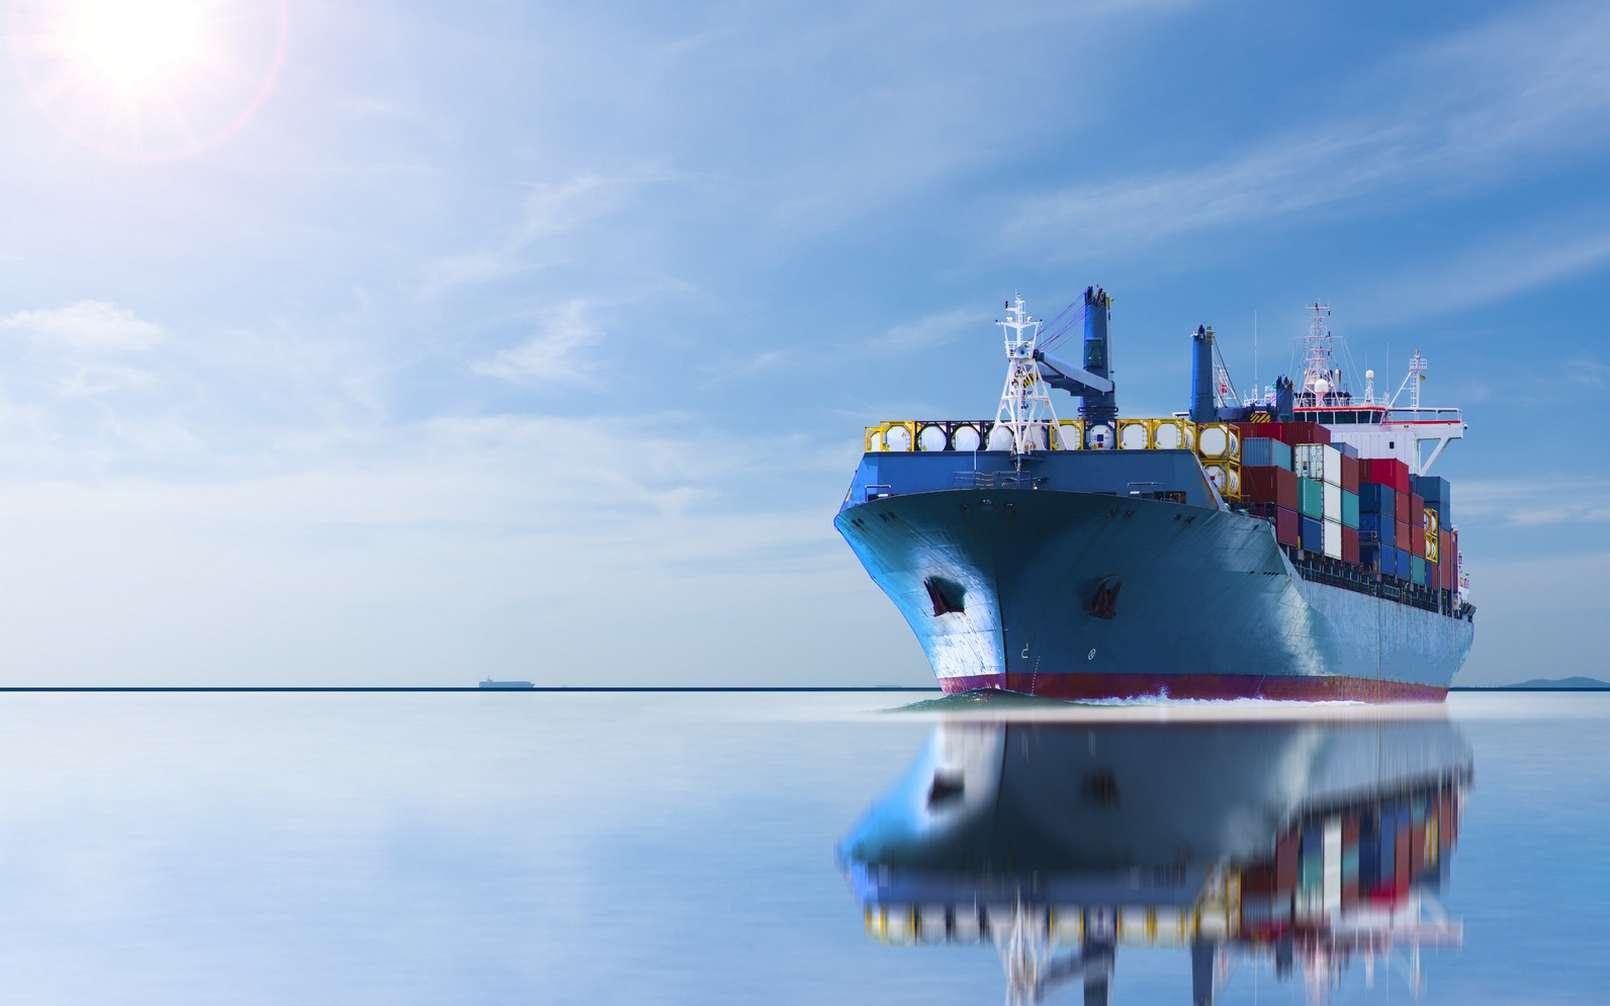 Outre un site d'essai en mer, la Chine compte mettre à l'eau son premier navire autonome cette année. © Suphanat, Fotolia